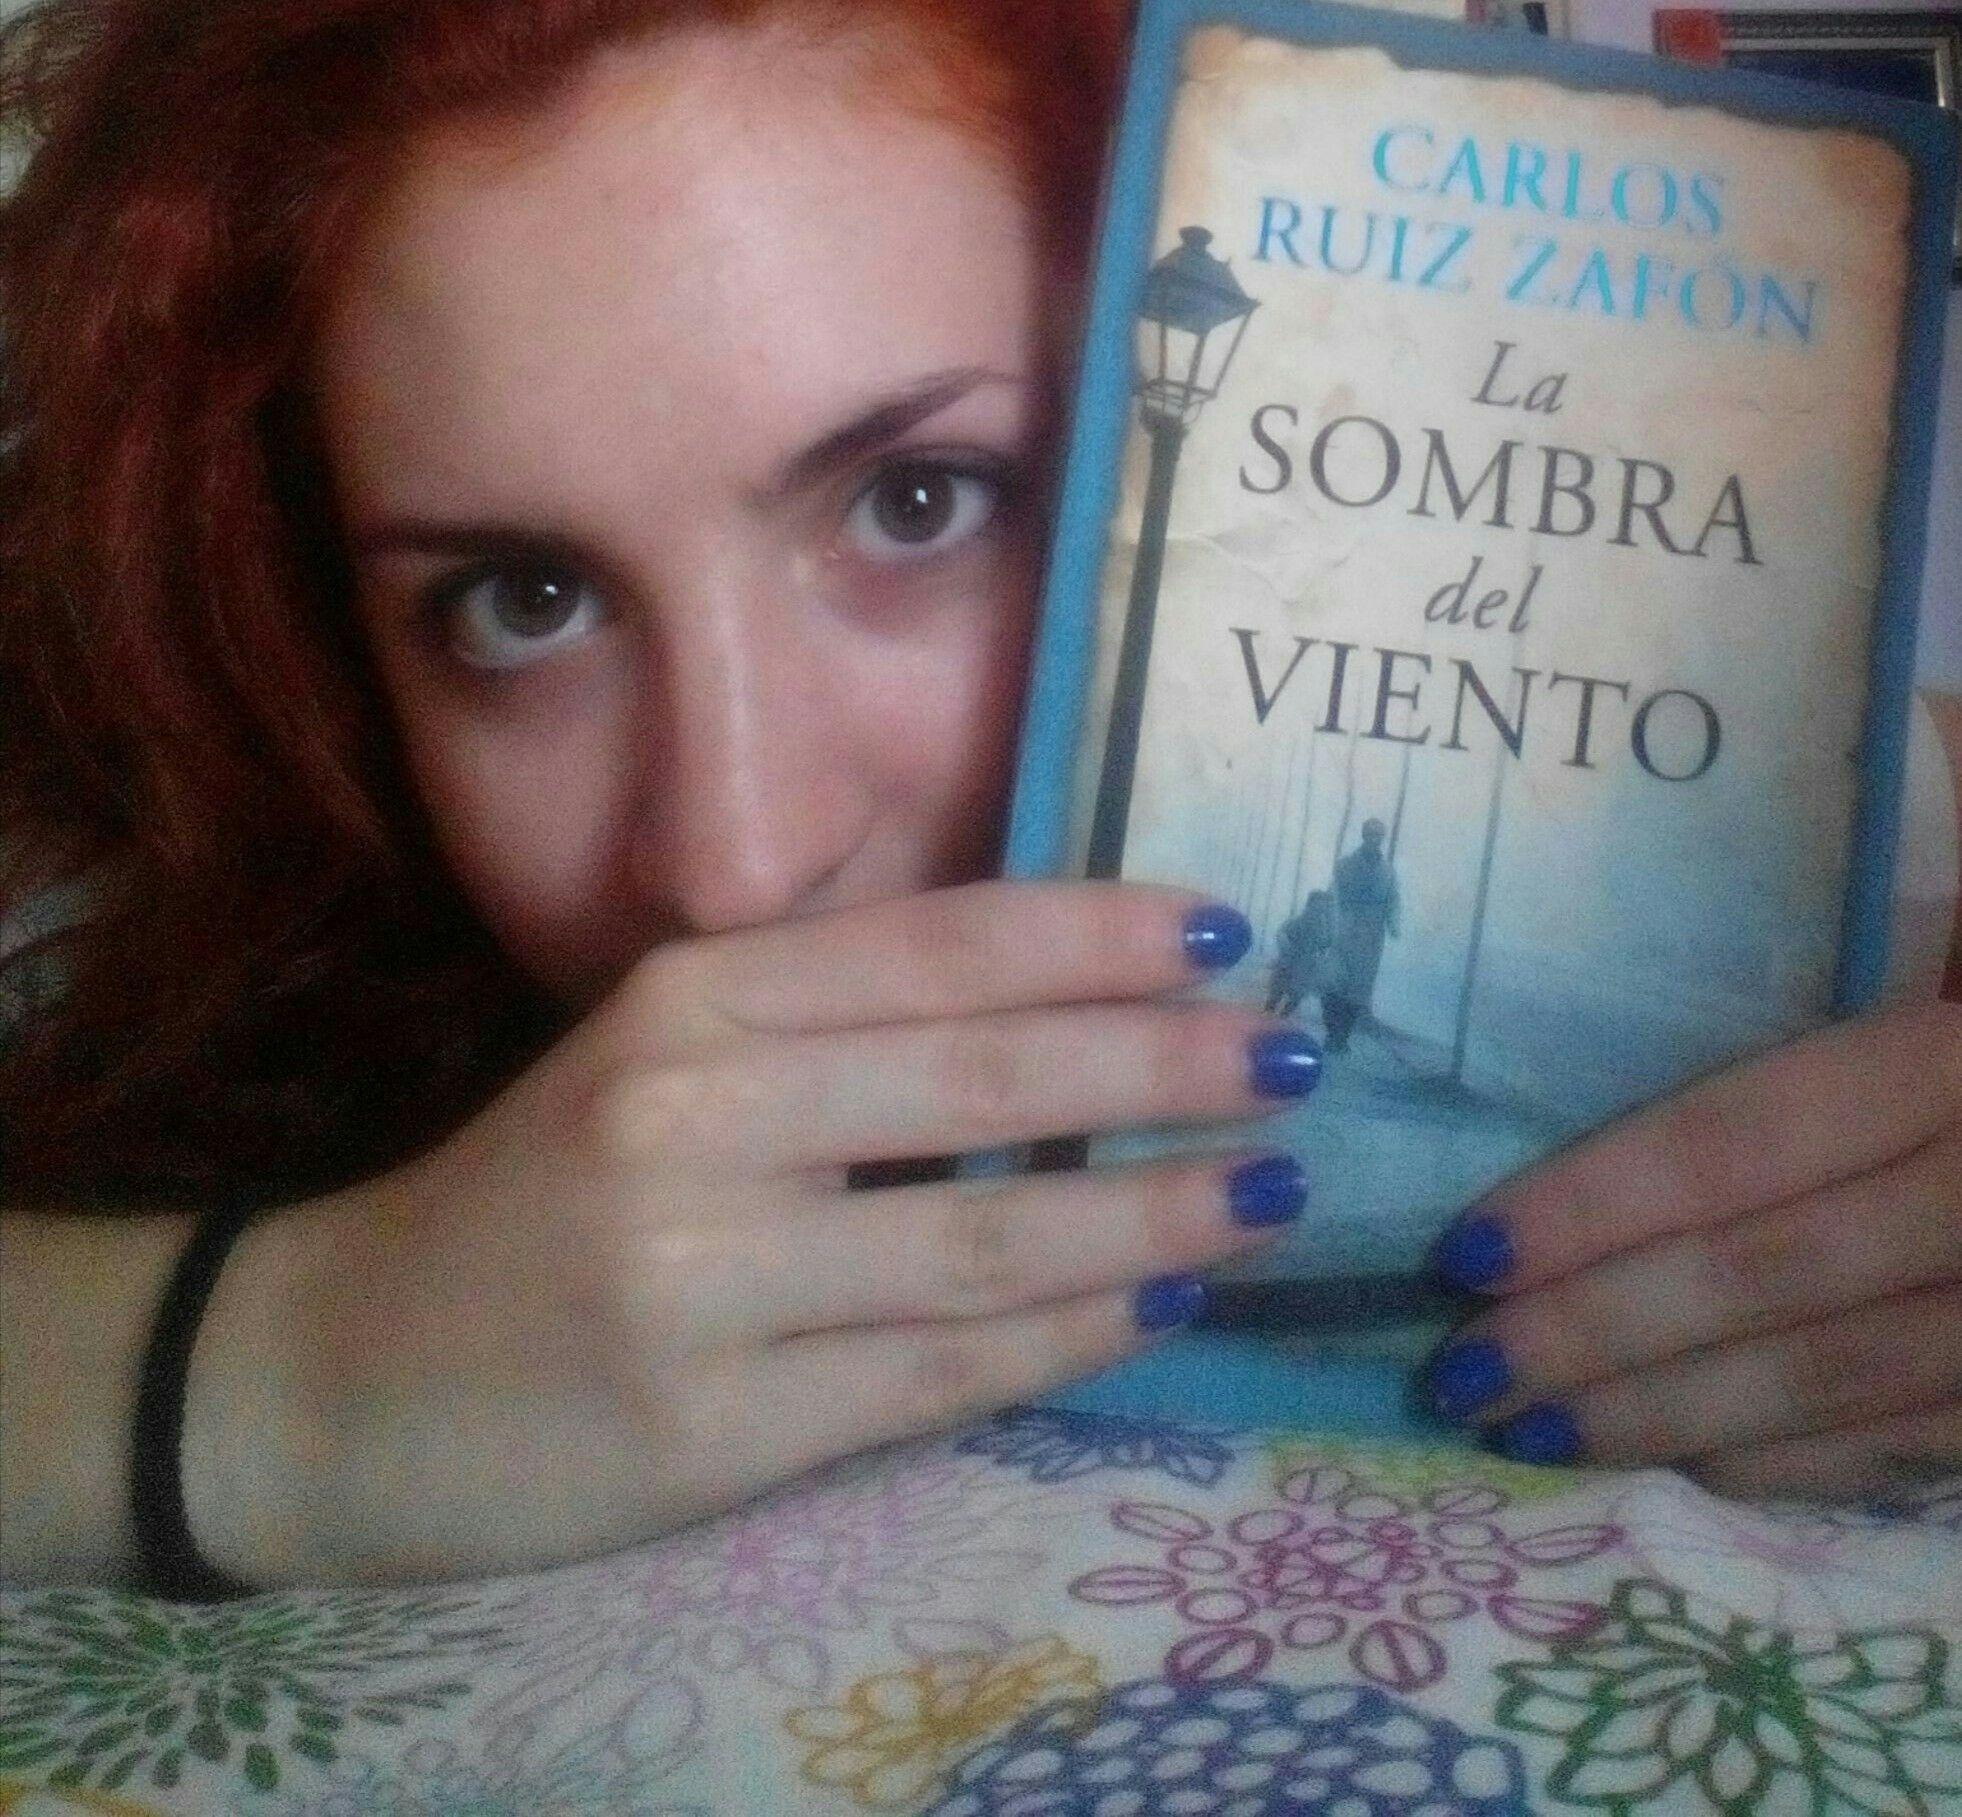 """Recomiendo """"La sombra del viento"""" por la intriga, el misterio y los secretos que contienen sus páginas. (Nº6)"""